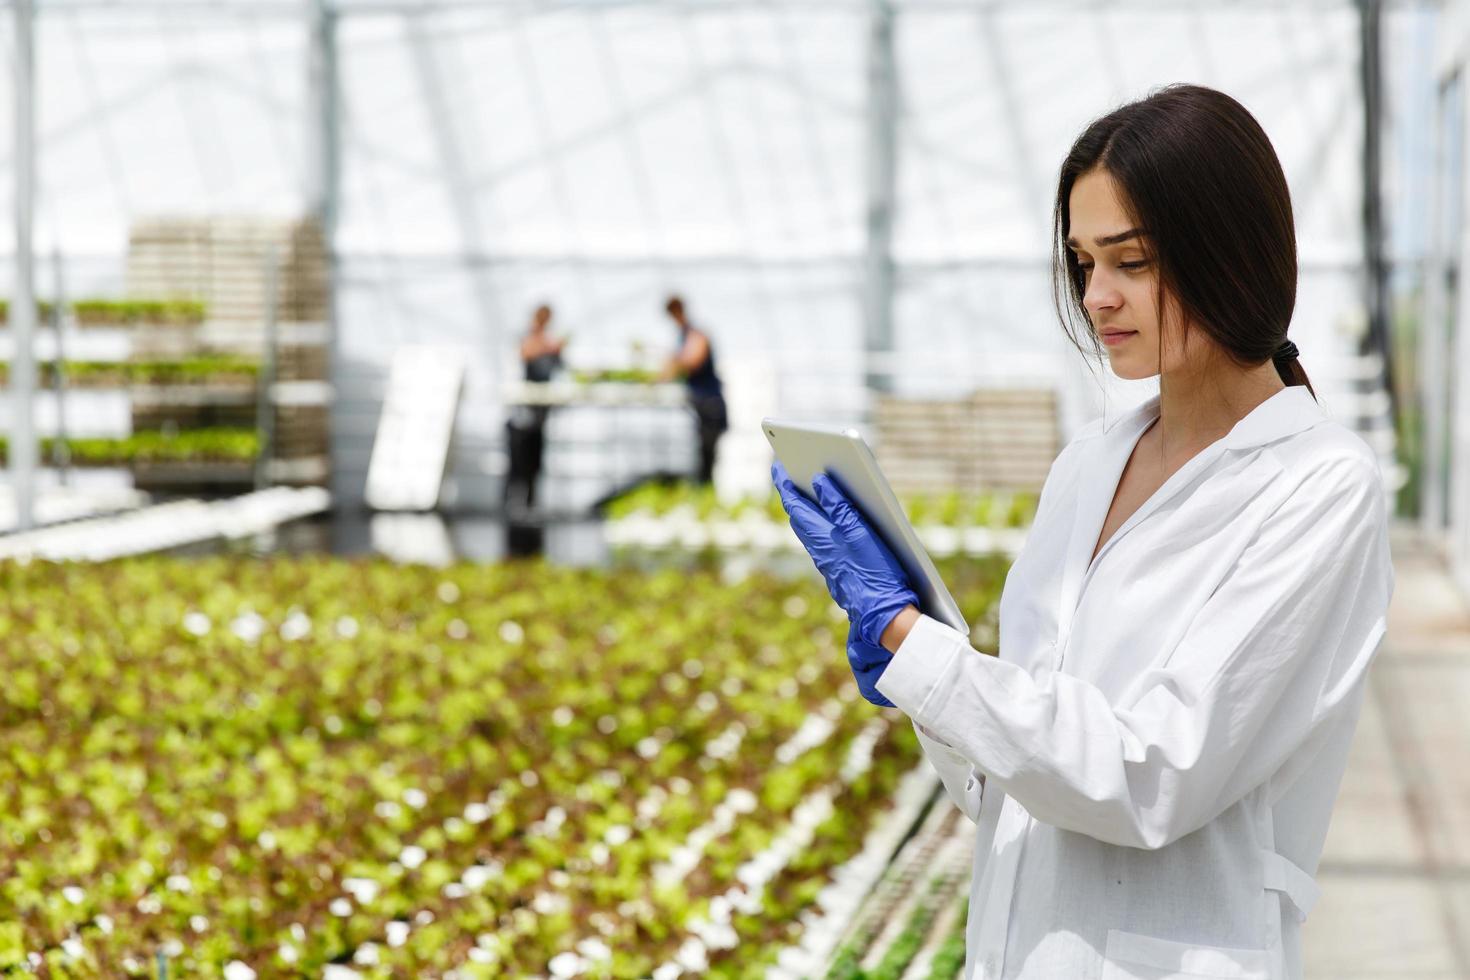 investigadora lee información de una tableta de pie en el invernadero foto